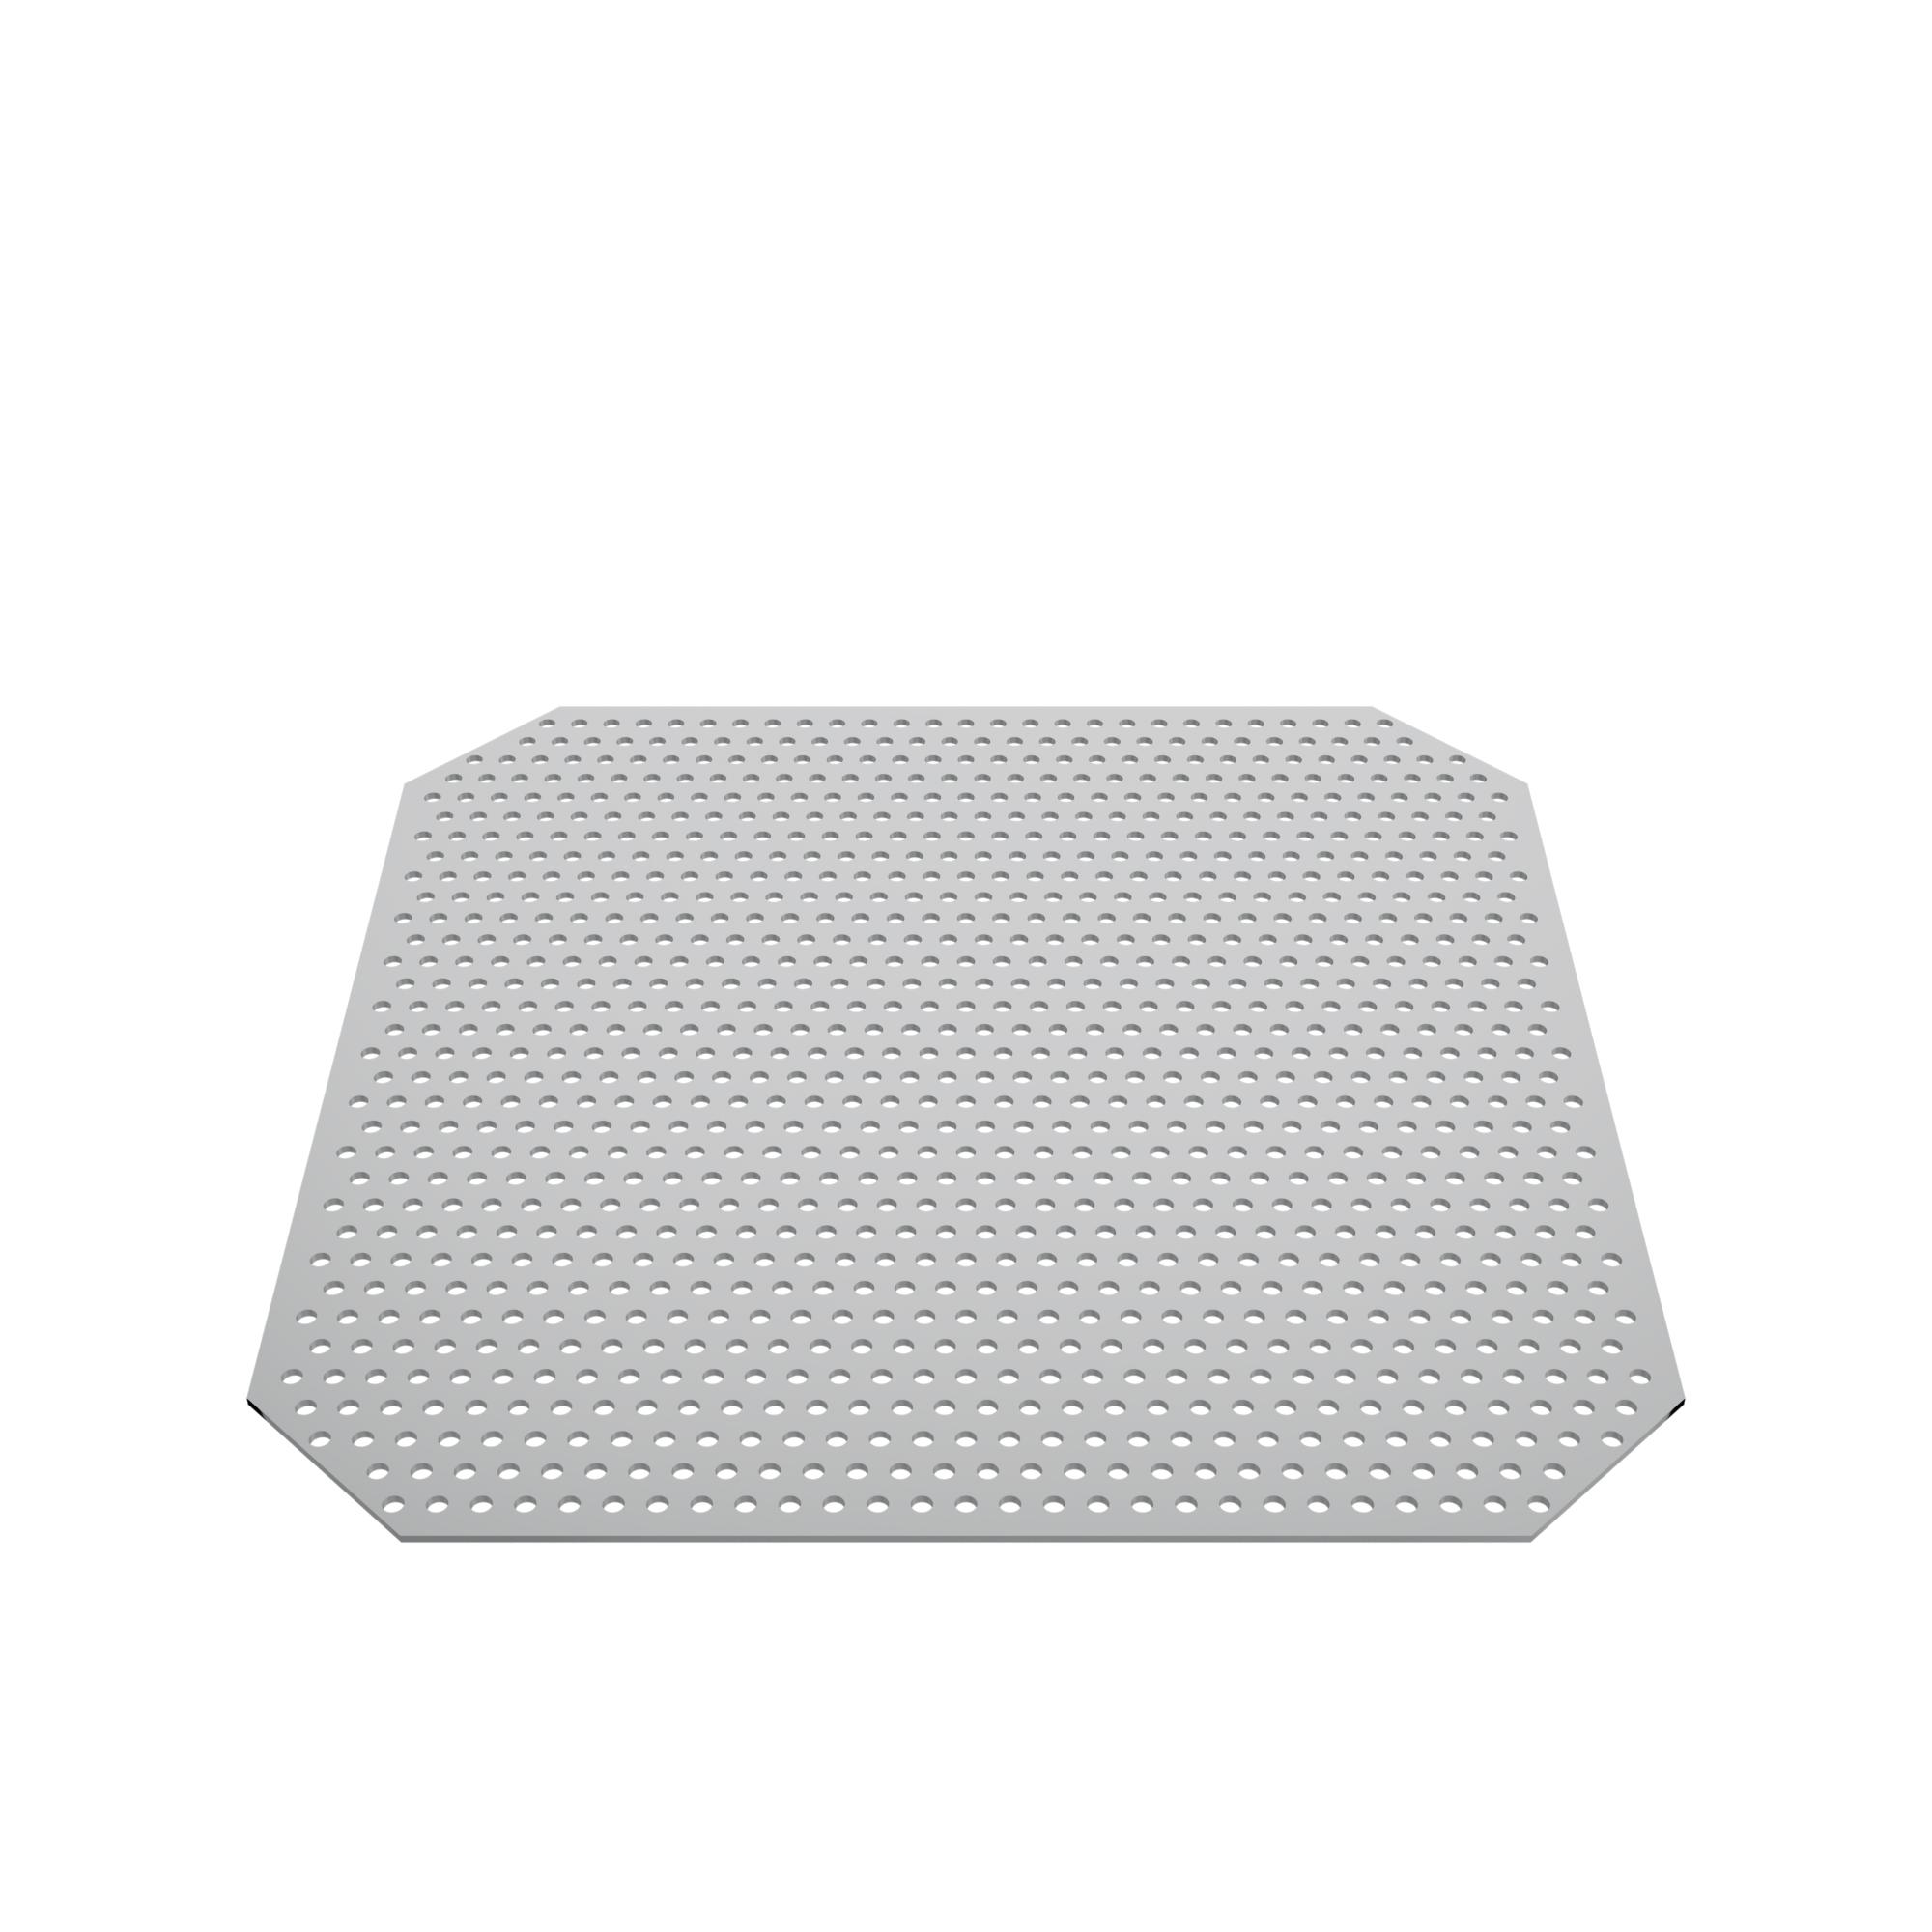 Pro-RF AAPM 15 Registration plate